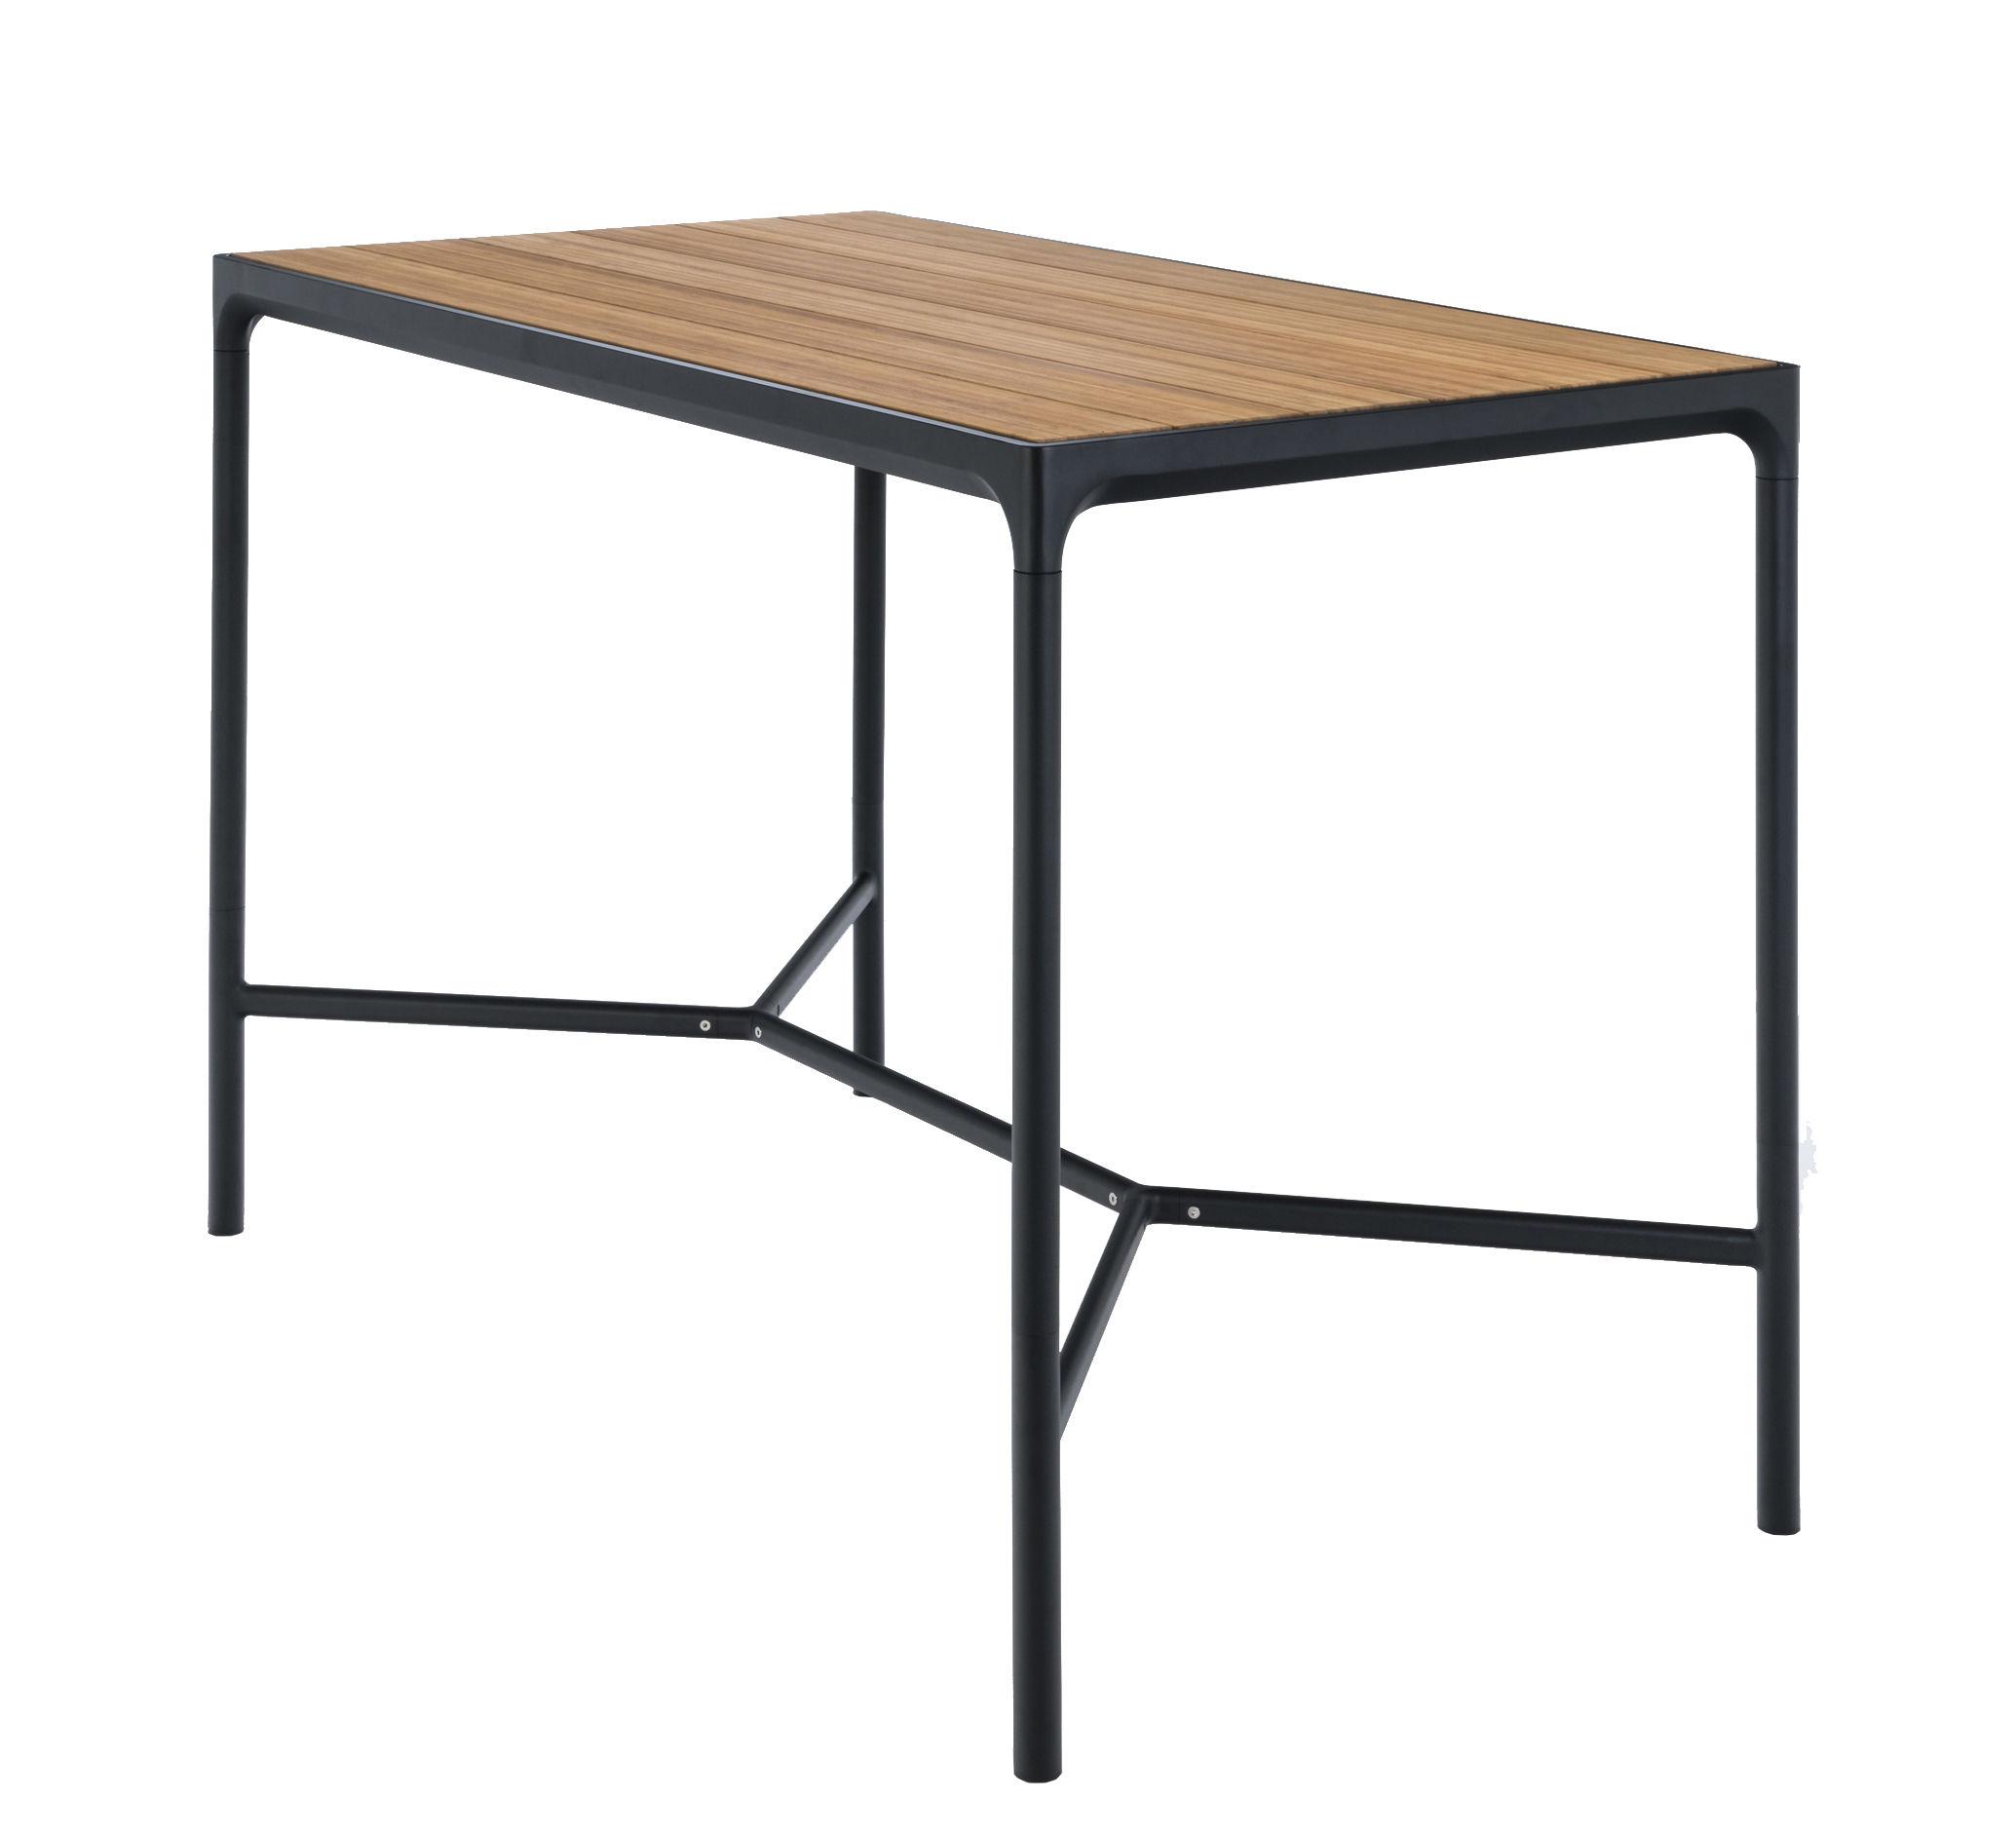 Arredamento - Tavoli alti - Tavolo alto Four - / L 160 x H 111 cm di Houe - Bambù / Base nera - Alluminio, Bambù